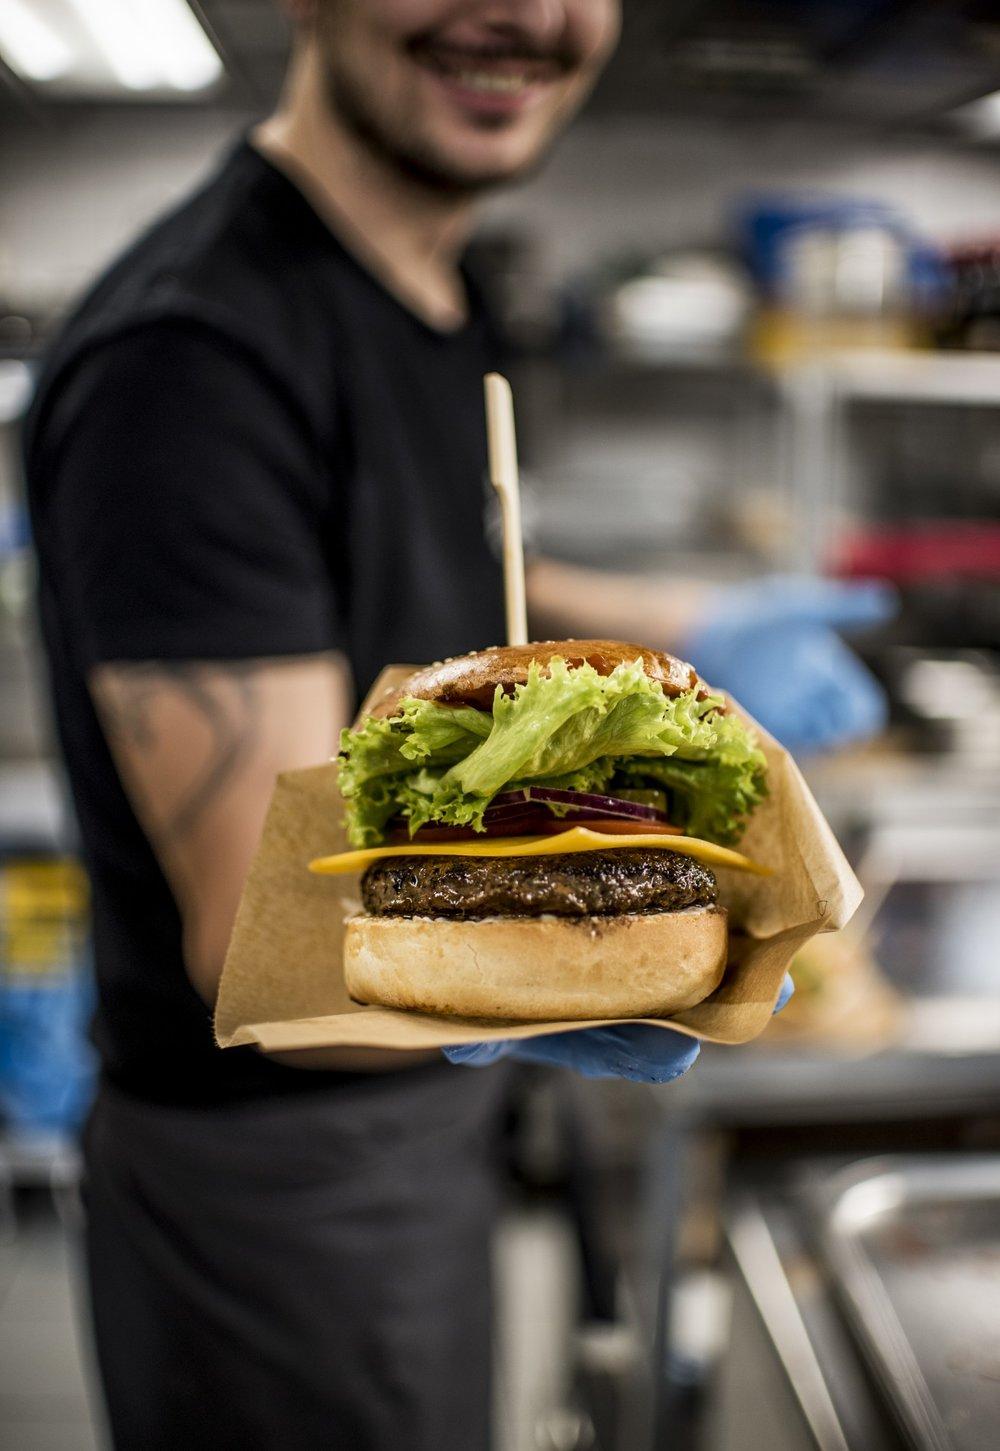 REGAL BURGER - Ich mäso: Veľmi dobre vedia, že kvalitný burger je hlavne o mäse. To ich pochádza zo slovenskej farmy, kde chovajú hovädzí dobytok na otvorených lúkach počas celého roka. Pretože šťastný býk = skvelý burger. Mäso neobsahuje žiadne antibiotiká, či rastové hormóny, chemické zmäkčovadlá alebo iné prímesy. Je to kvalitná, 100% hovädzina z mladých býčkov a preto k nej pristupujús citom a rešpektom, ktorý si zaslúži.Ich pečivo: Ich žemľa je čerstvá, chrumkavá a trošku sladká. Žiadne kupované polotovary. Žemle pečie dvorný pekár podľa tajnej receptúry – nie raz, ale hneď dvakrát denne! A pretože myslia na všetkých, ktorým príroda nenadelila schopnosť spracovať lepok, tak okrem famóznej brioškovej maslovej žemle ponúkakúaj bezlepkové žemličky pre celiatikov.Ich obloha: Všetka zelenina je vždy čerstvá a starostlivo vyberaná. Syr priamo z Holandska.